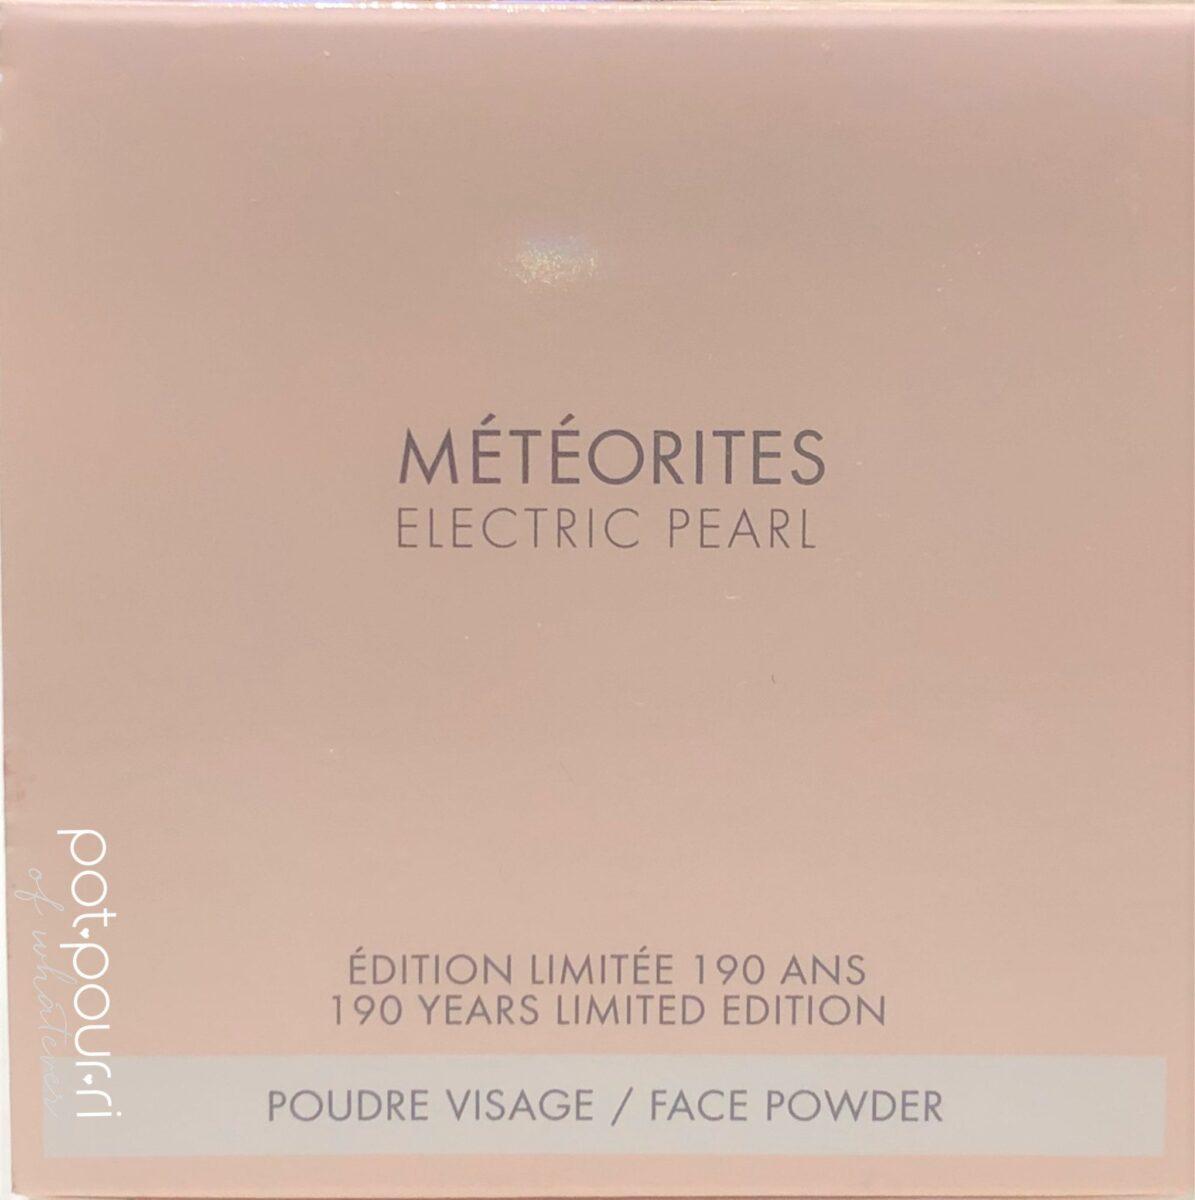 GUERLAIN METEORITES ELECTRIC PEARL BOX